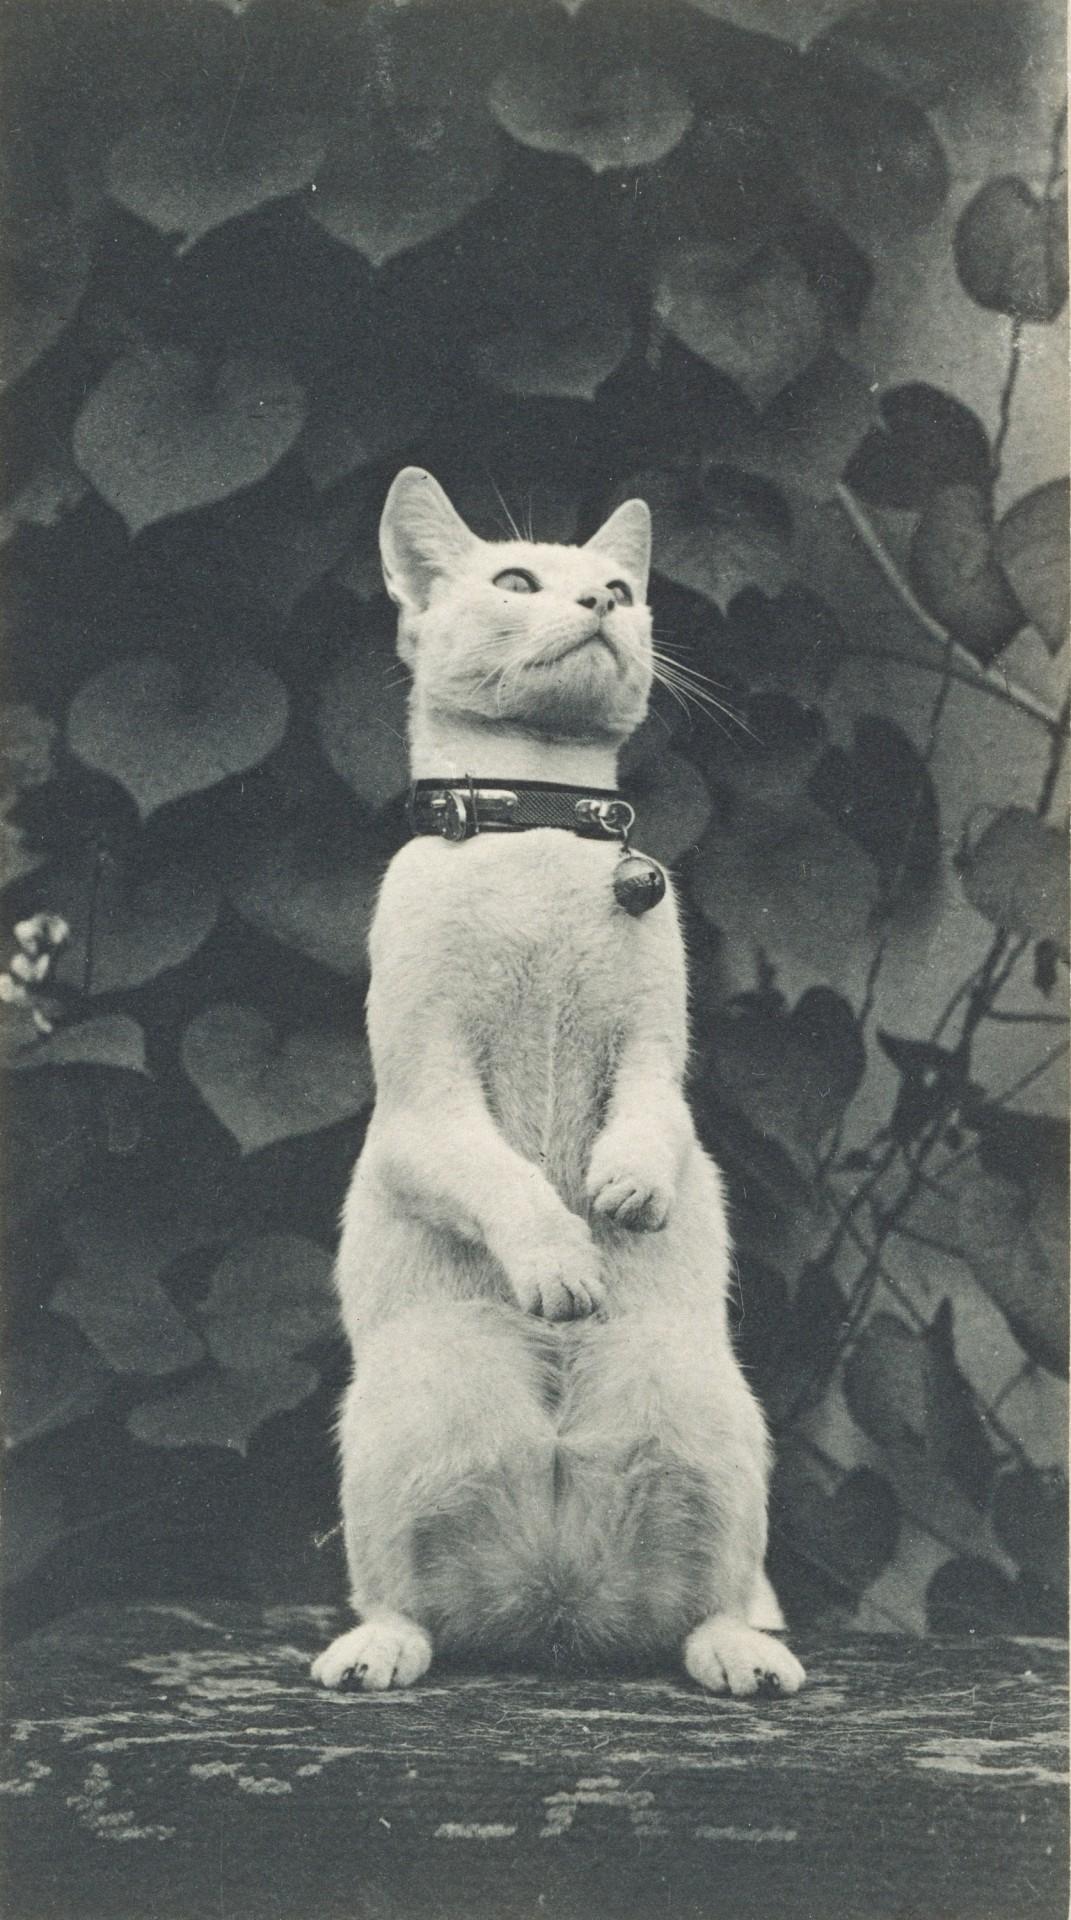 Кошка во дворе Икинса, 1880–1890. Автор Томас Икинс